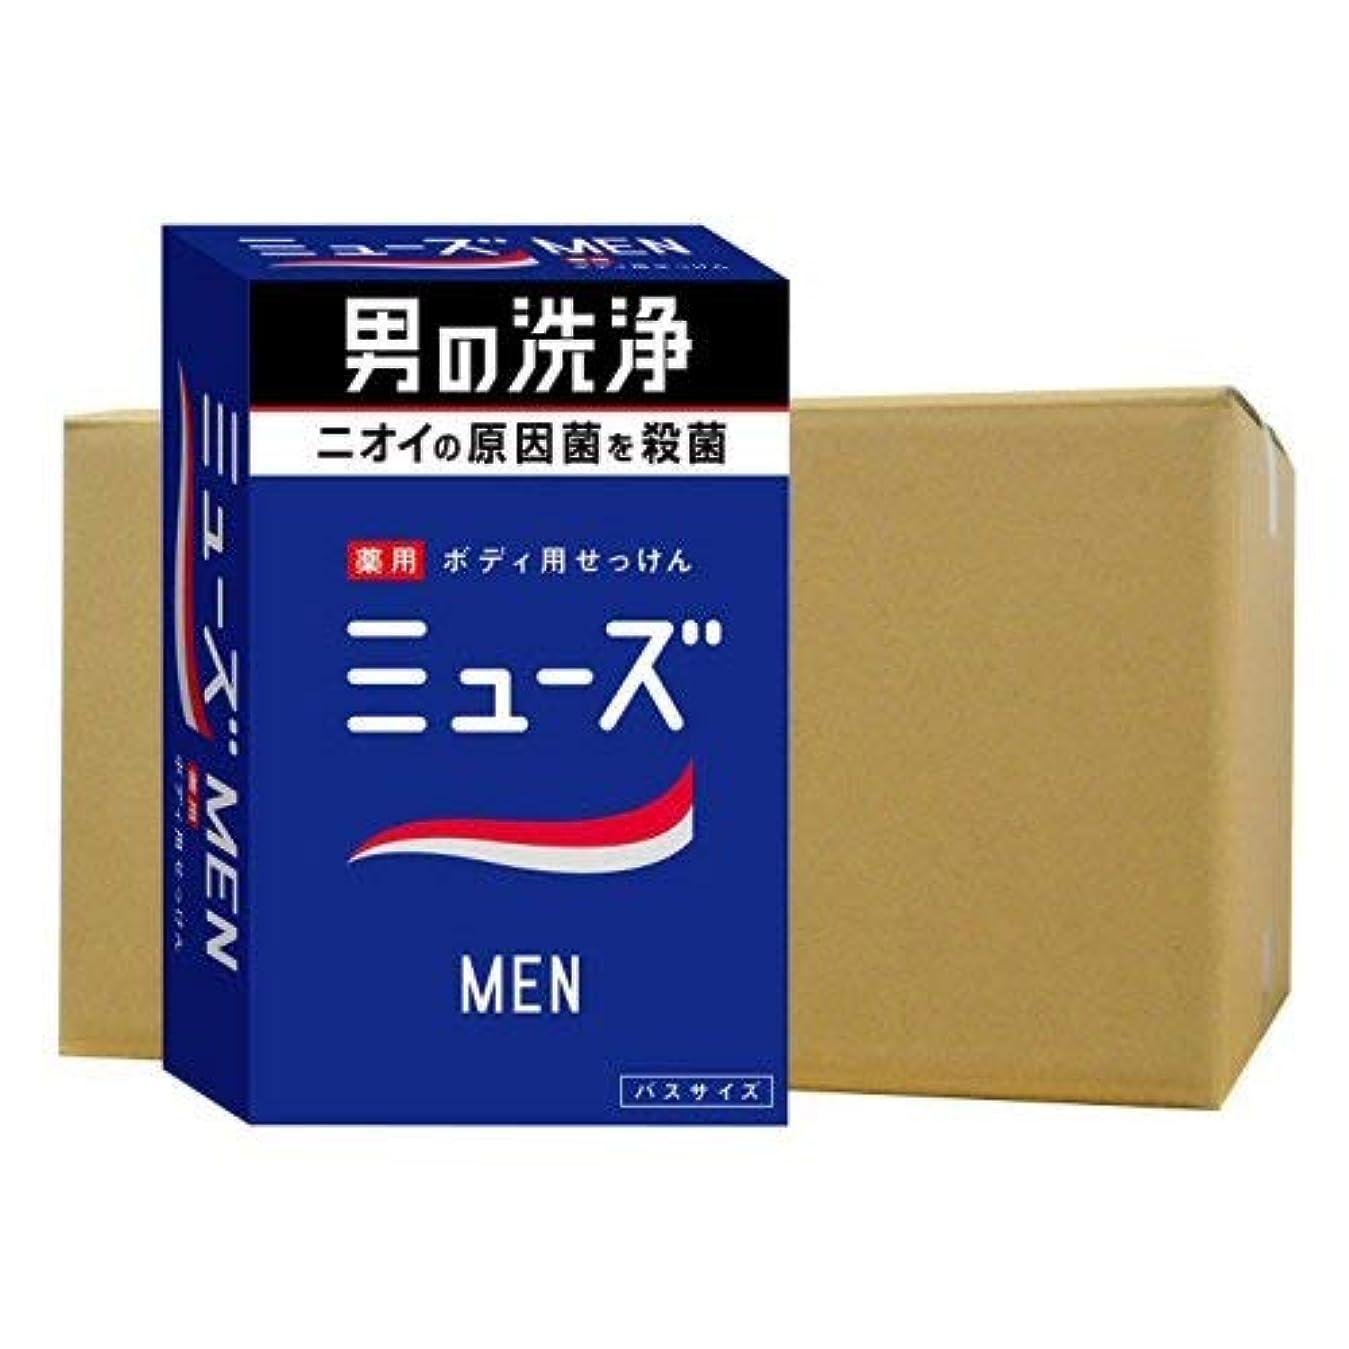 タイトルマリナー原点ミューズメン薬用石鹸 135g×24個セット